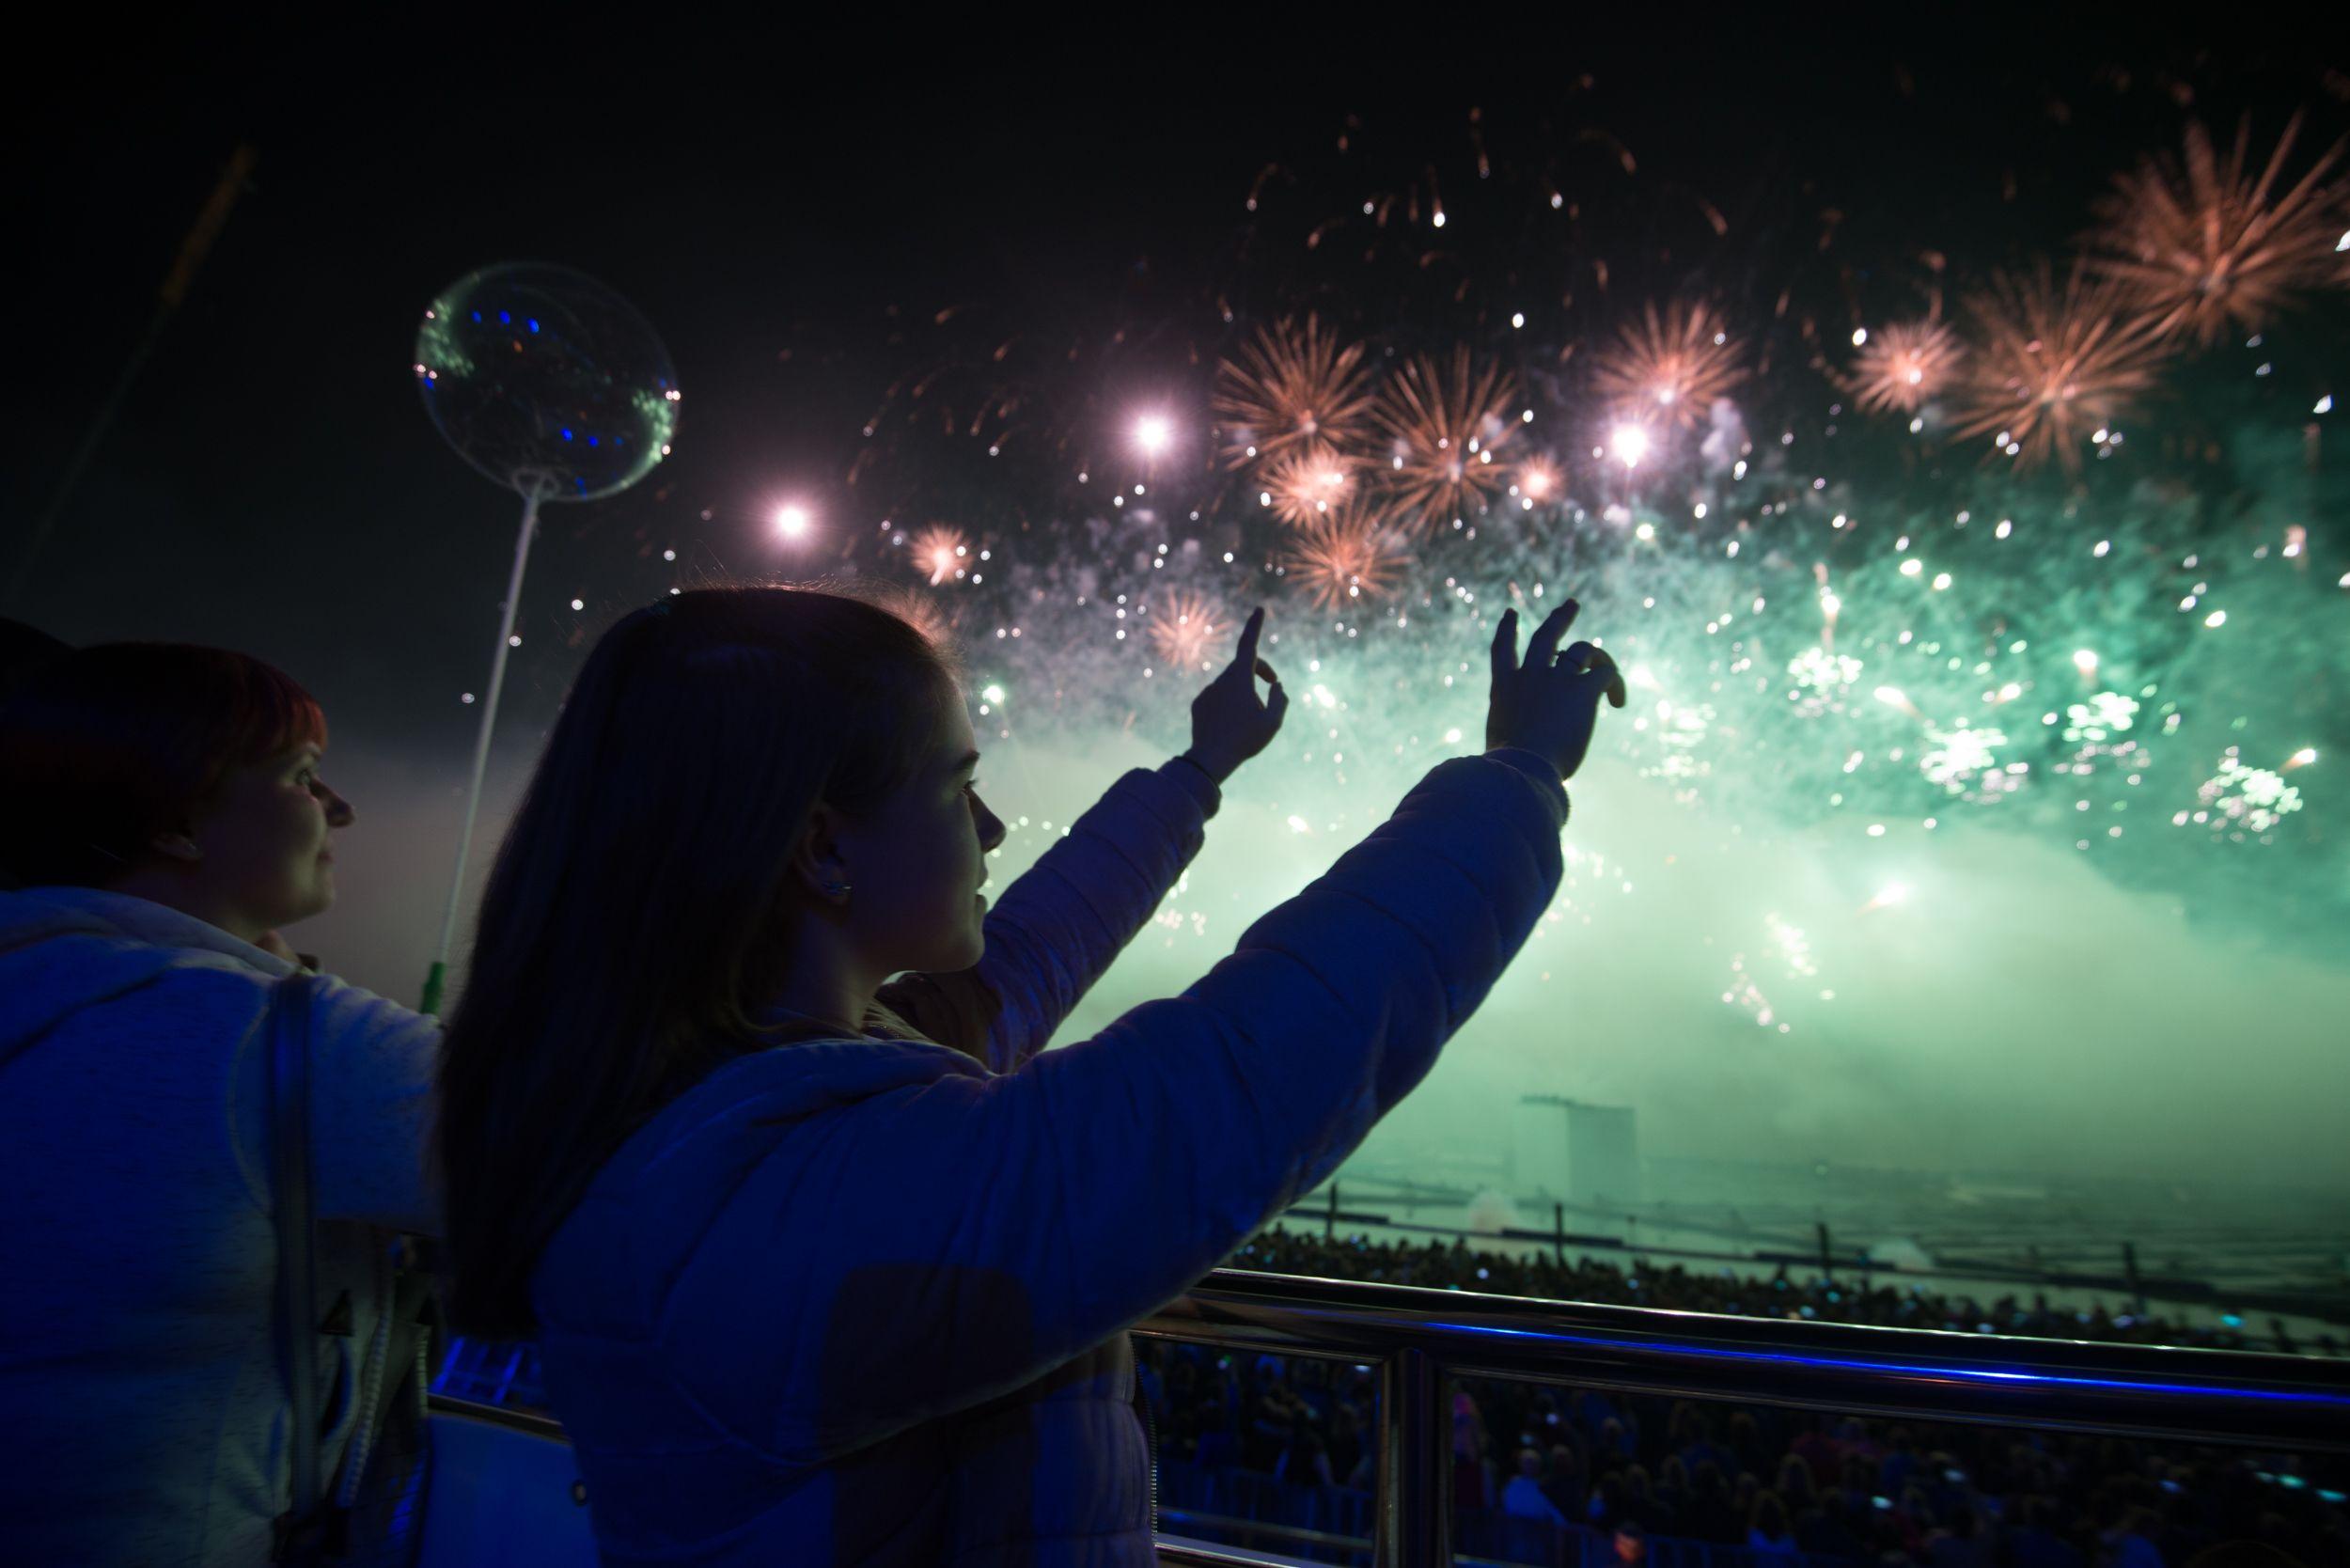 Разноцветные фейерверки украсят небо над «Садовниками» в новогоднюю ночь